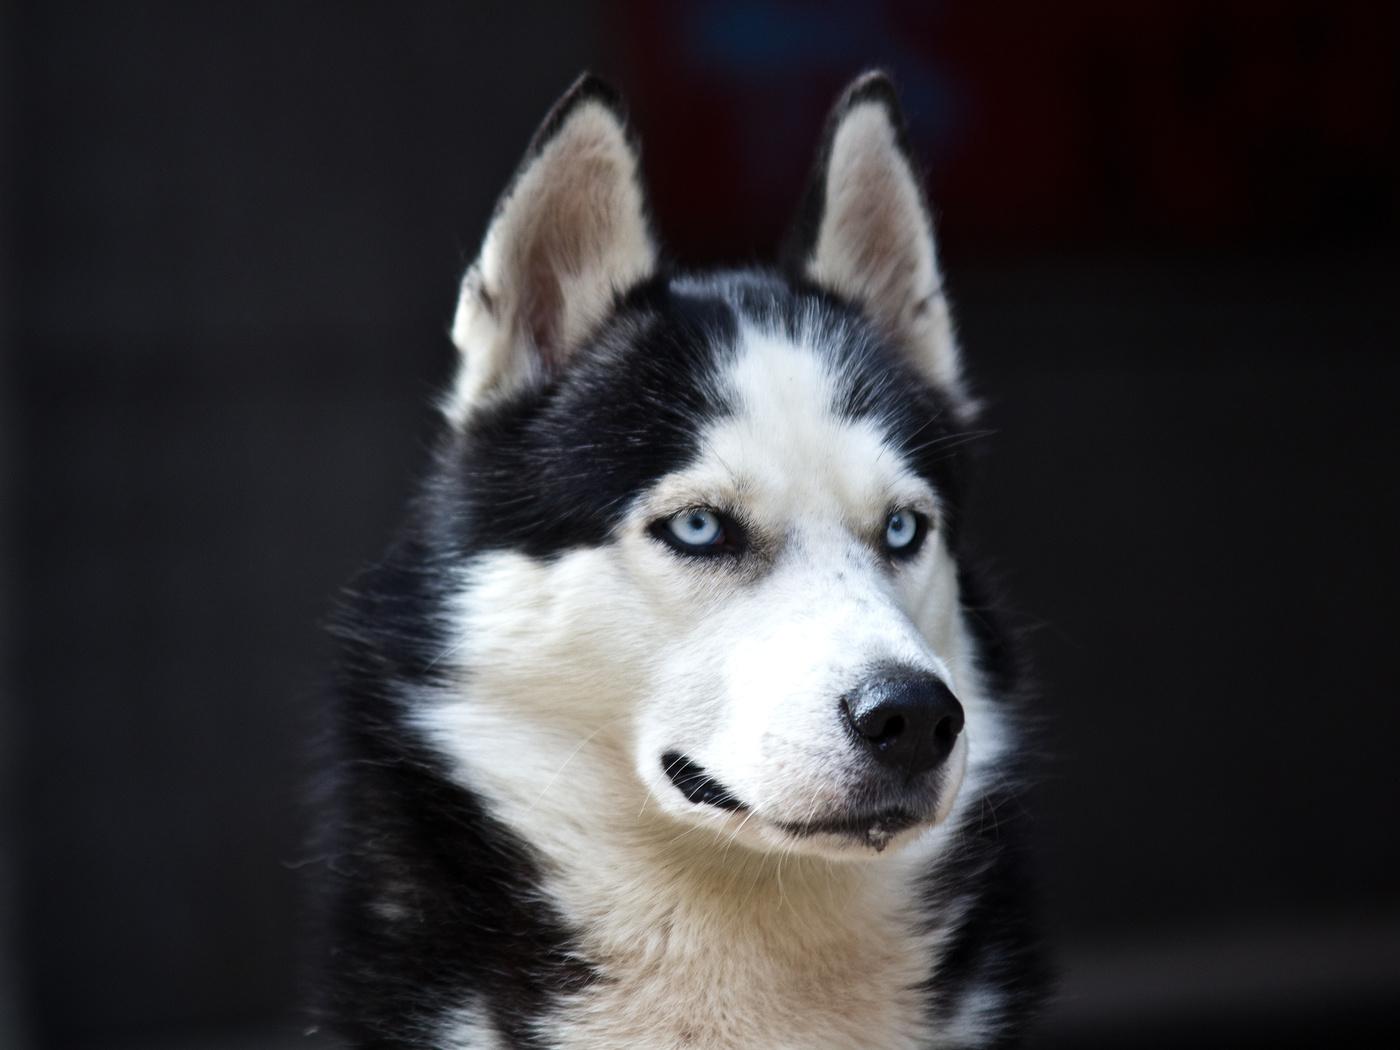 white, Husky, cute, blue eyes, black, dog, danger